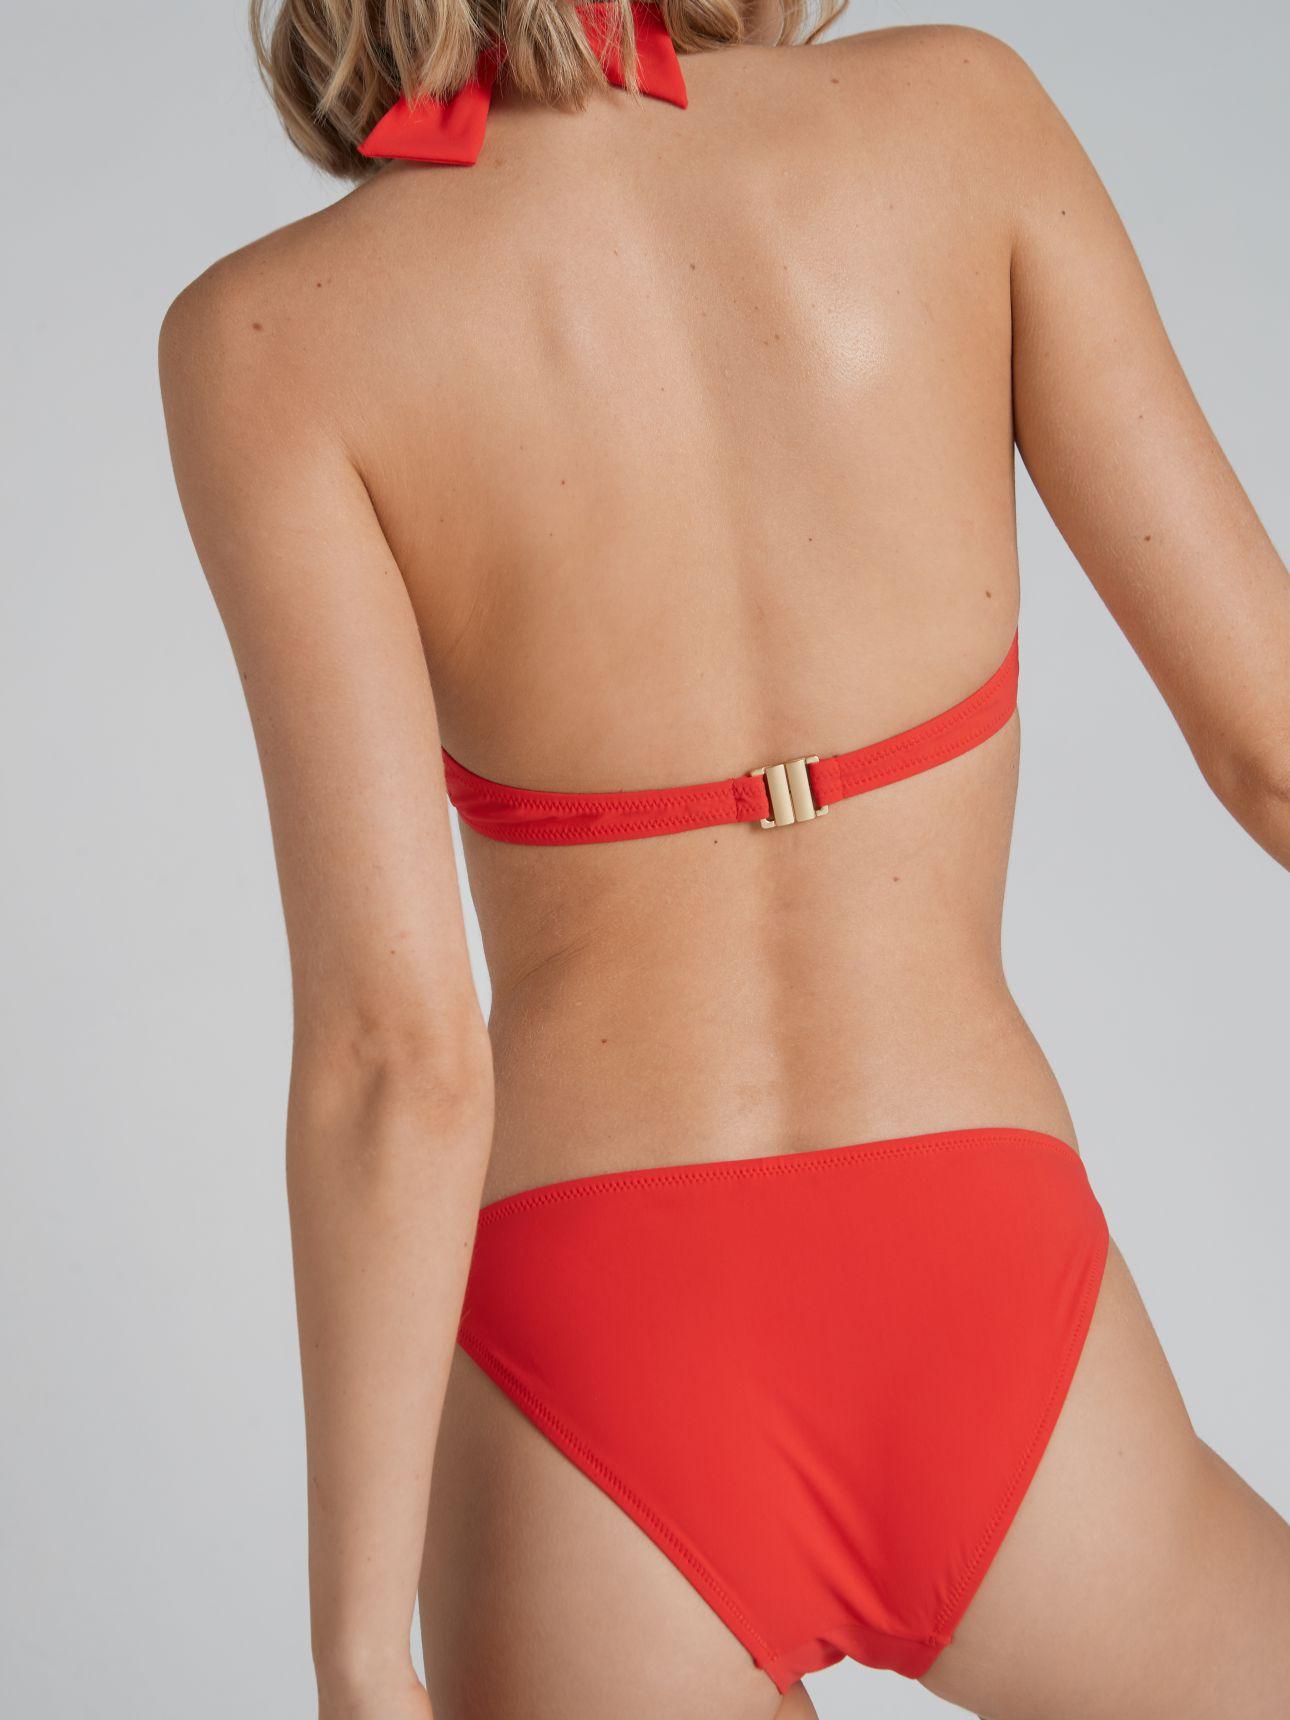 תחתוני בגד ים בשילוב שרשרת CHAINS בצבע כתום